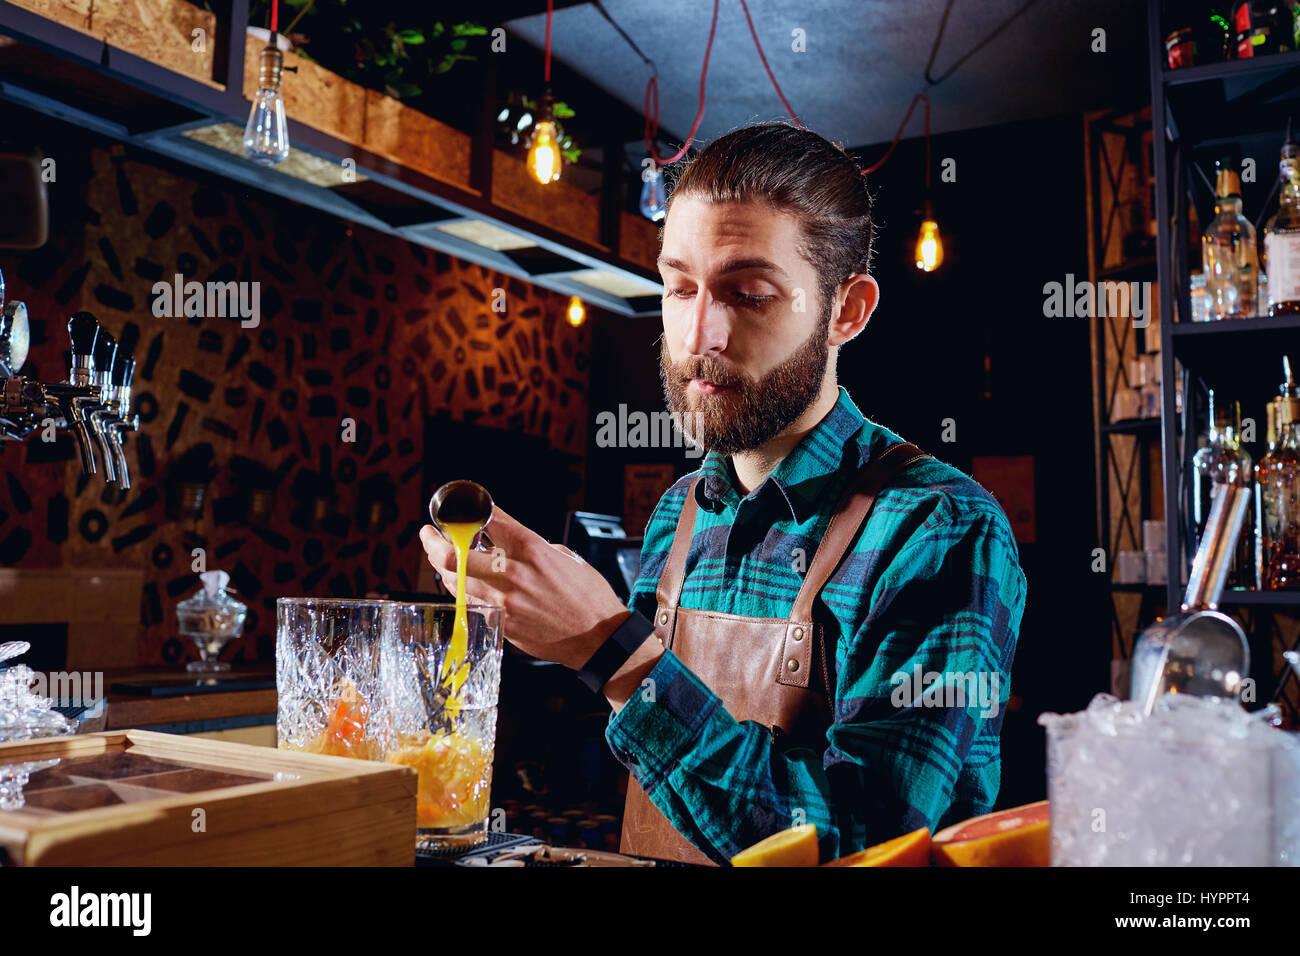 El camarero se ríe haciendo un cóctel en el bar Imagen De Stock